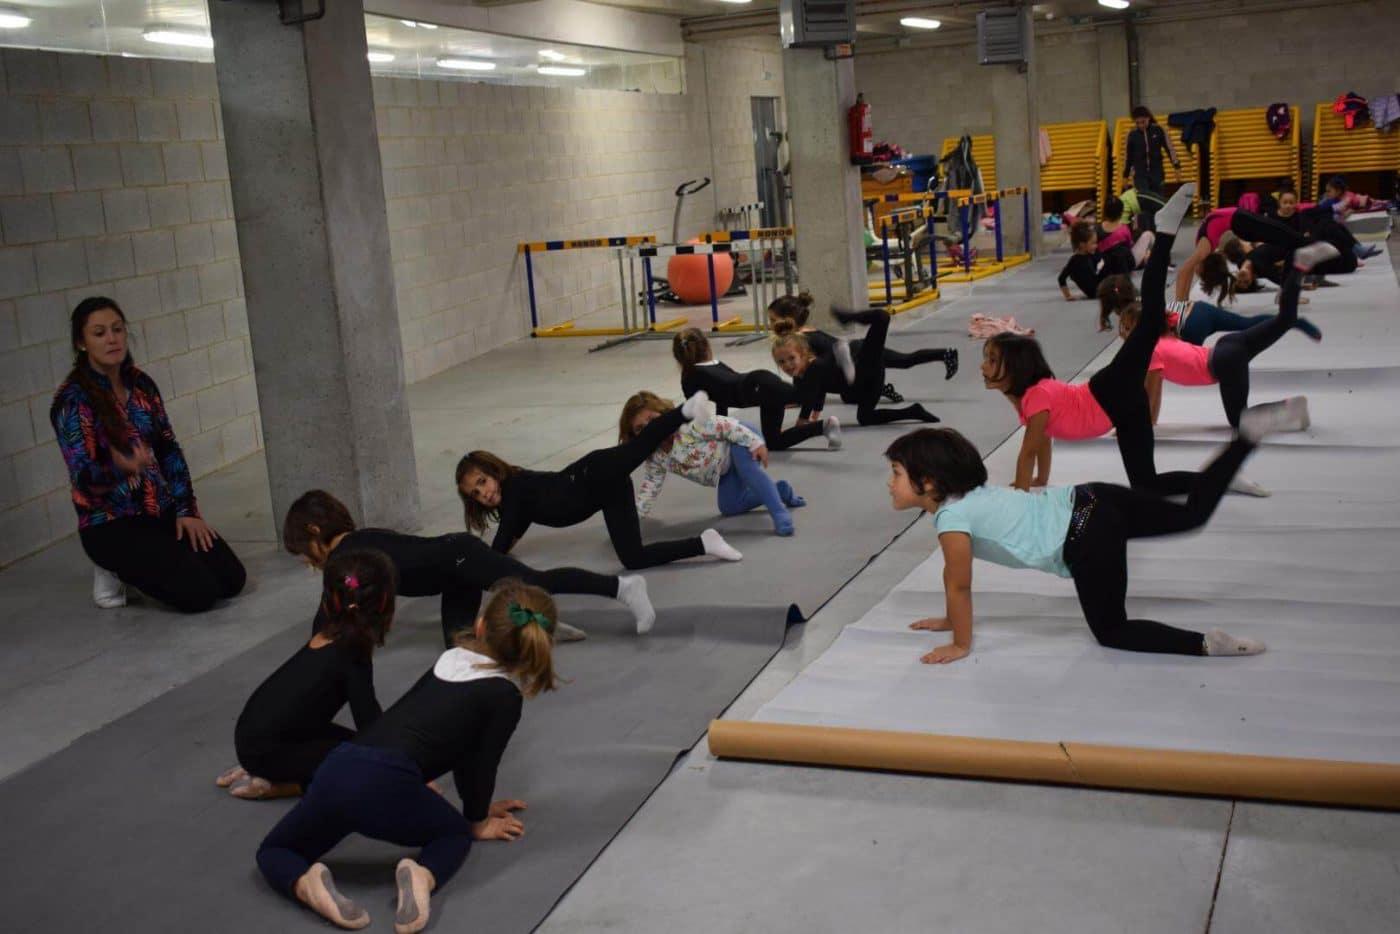 La gimnasia rítmica desembarca con ganas en Haro 7